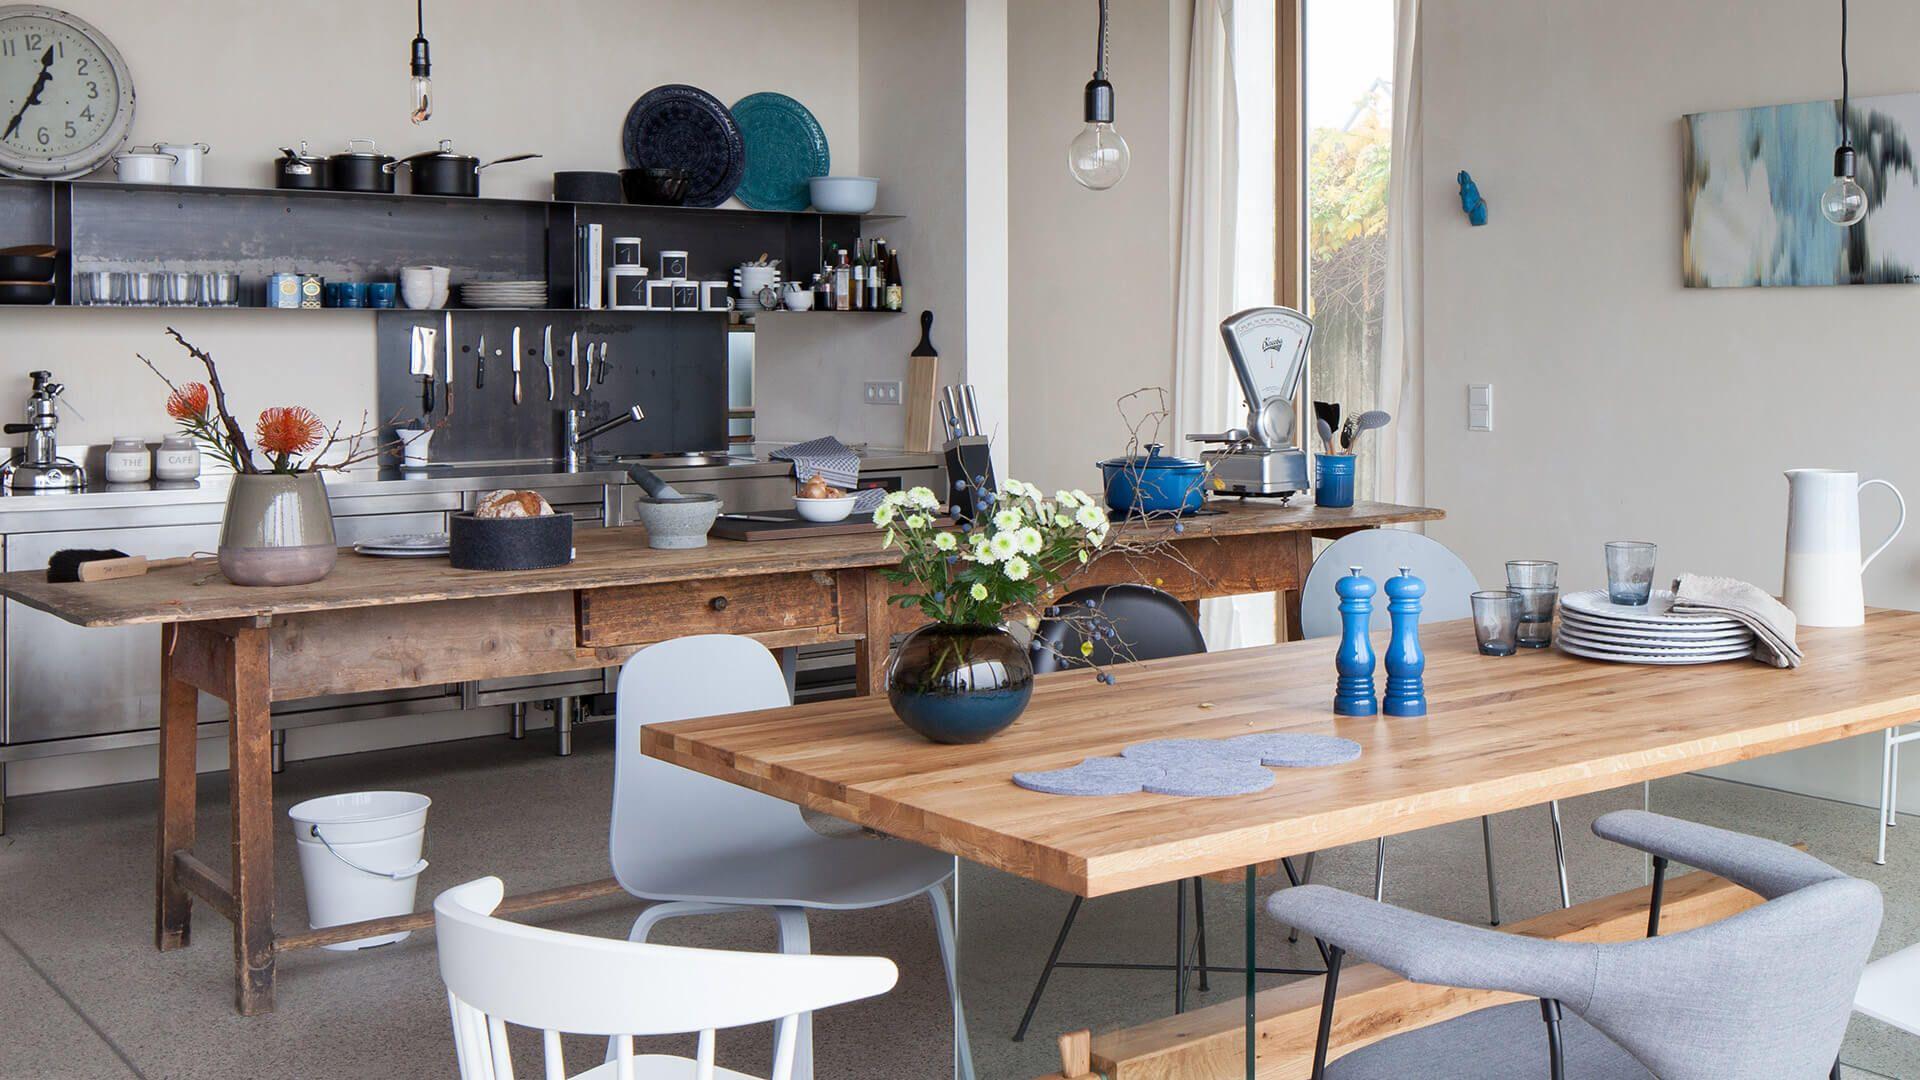 Werkbankartiger Tisch statt Kücheninsel | Sommer Küche | Pinterest ...